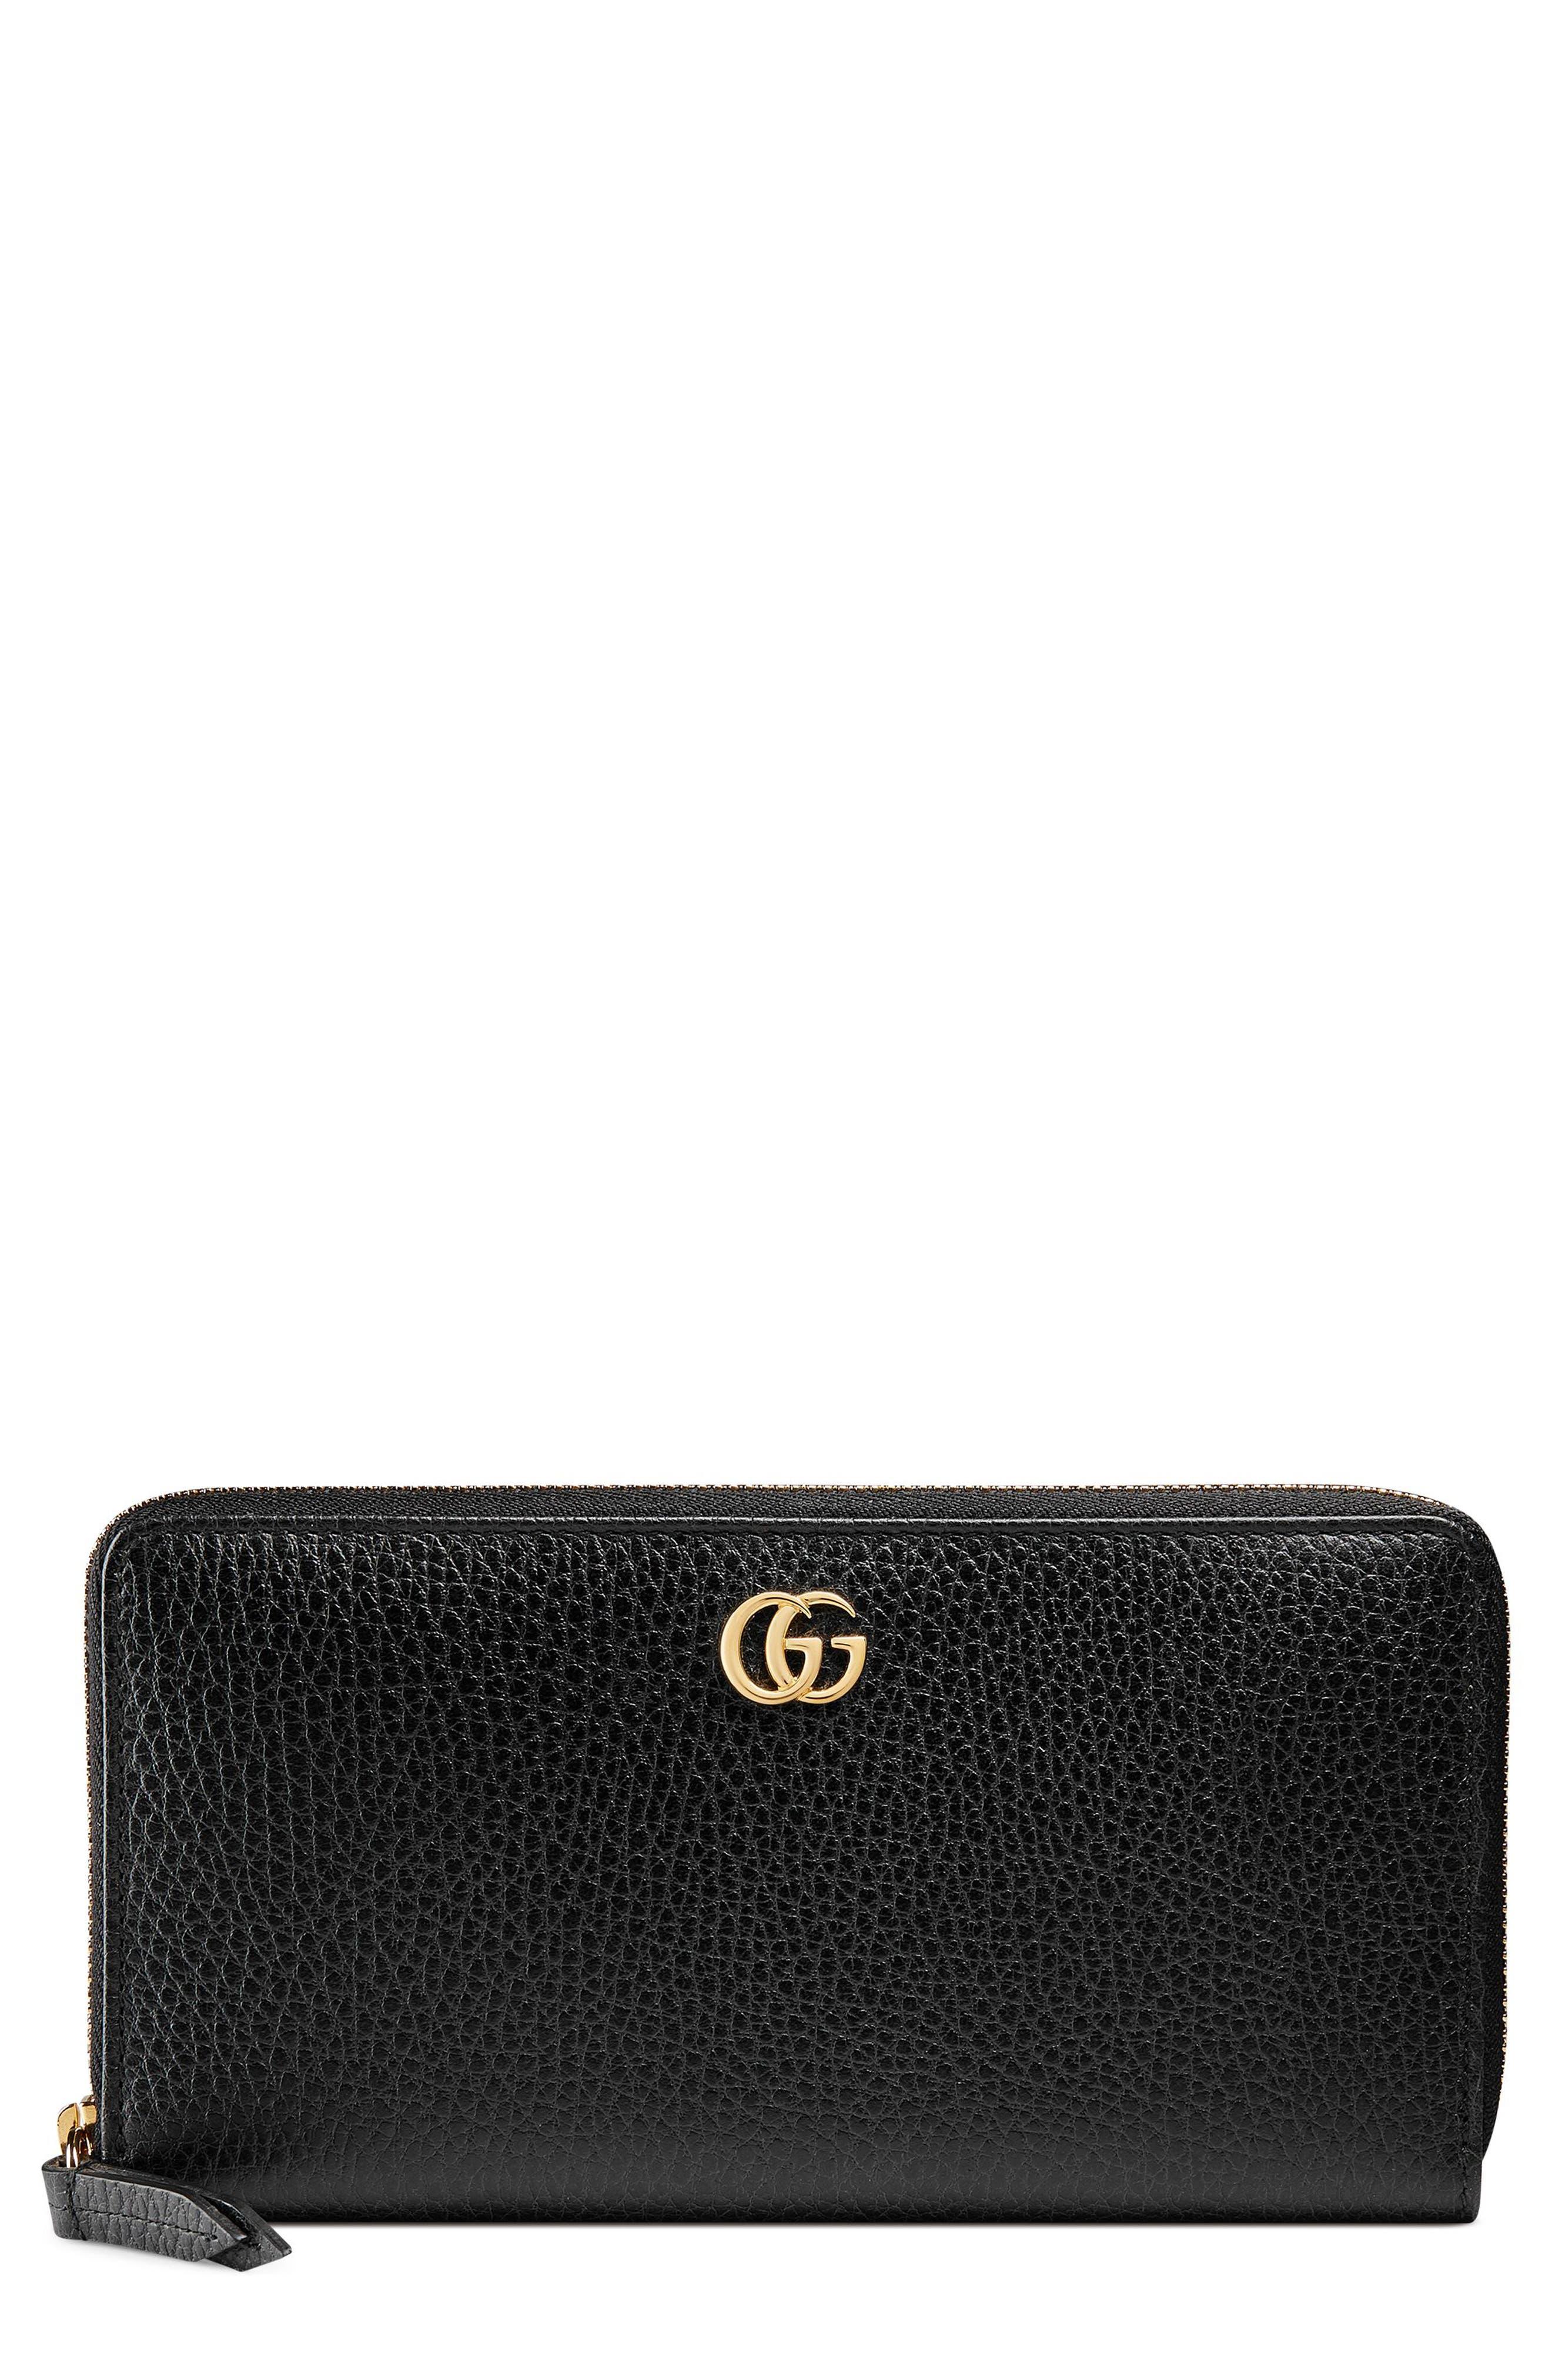 Petite Marmont Leather Zip Around Wallet,                         Main,                         color, Nero/ Nero